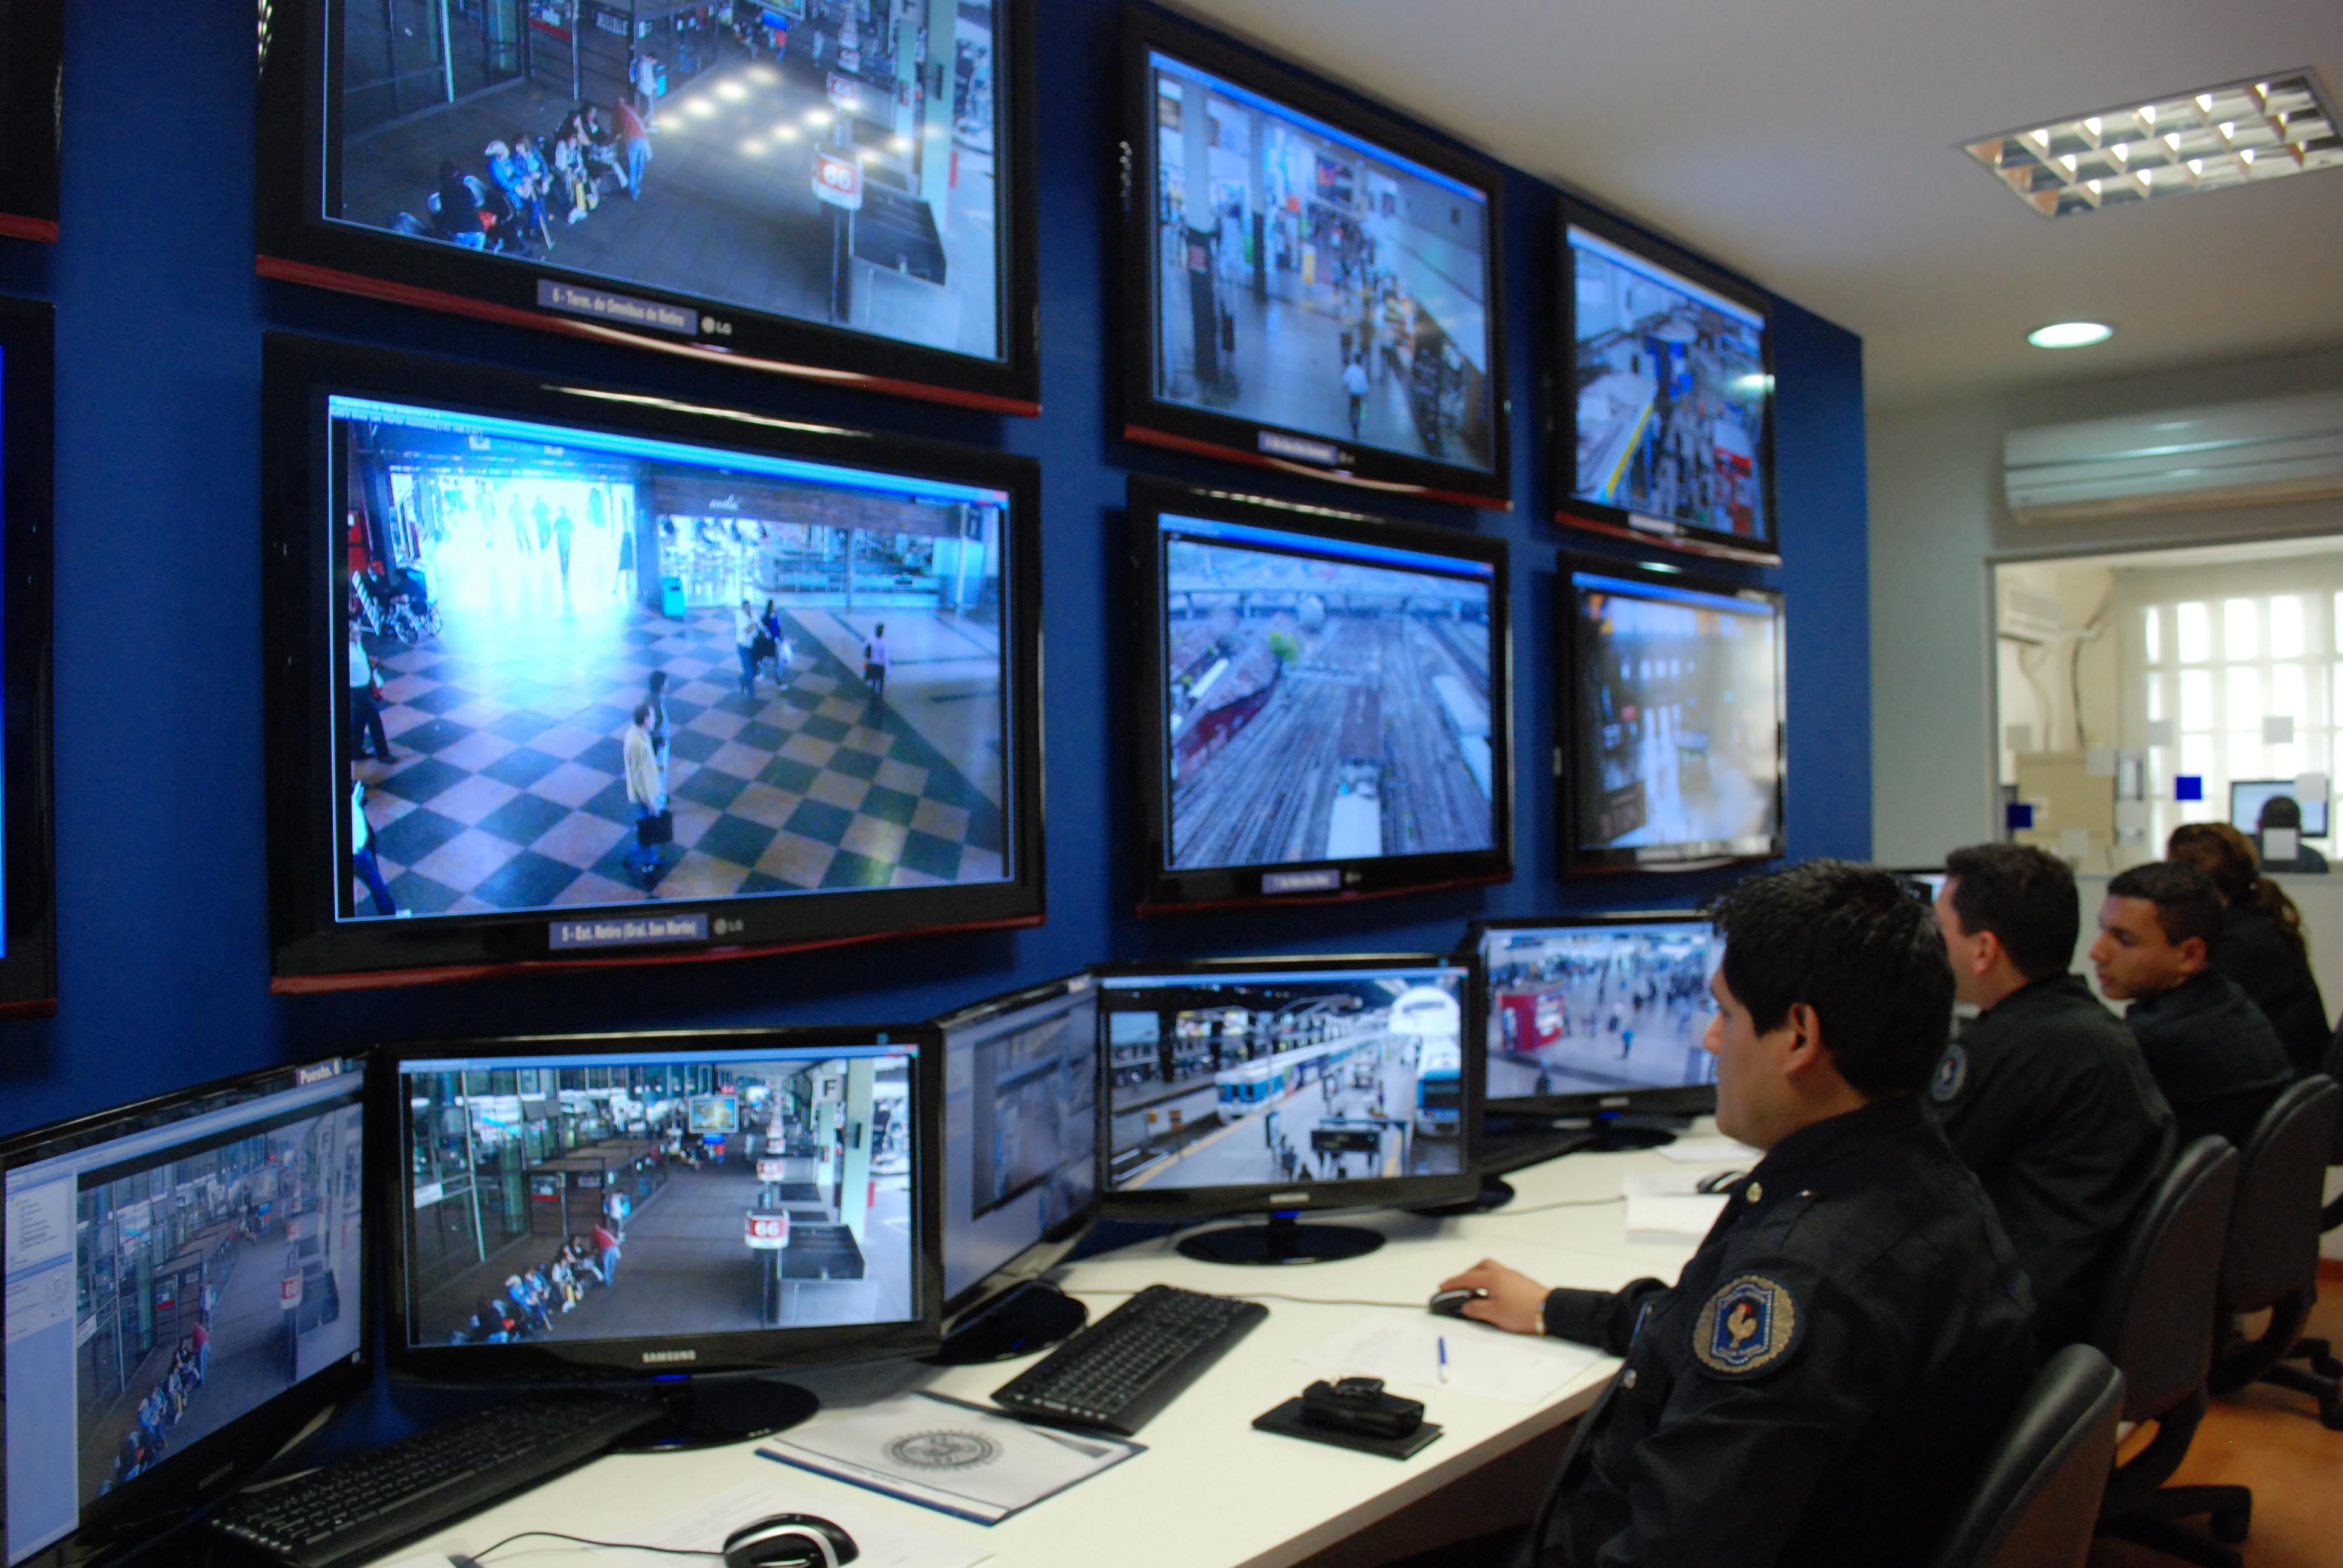 Camaras De Vigilancia Para Escape Room